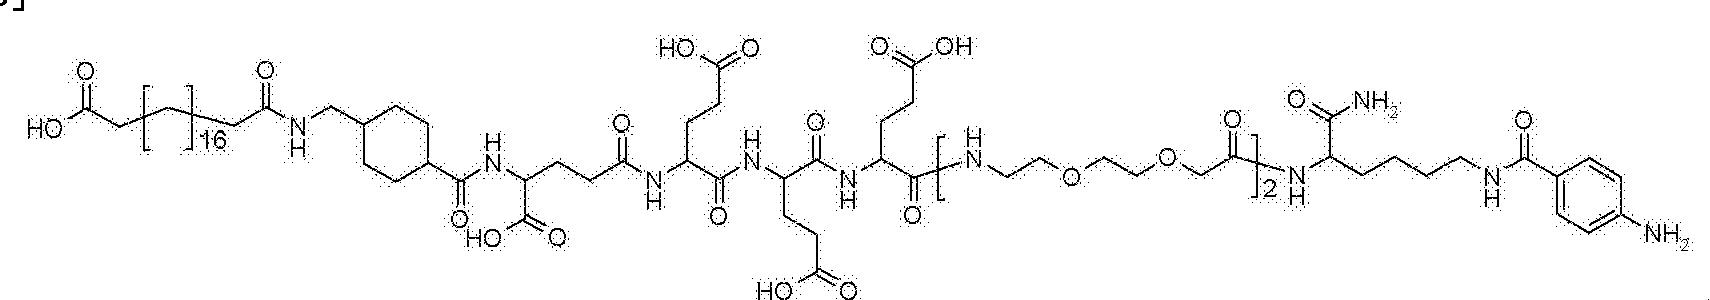 Figure CN103002918BD01193